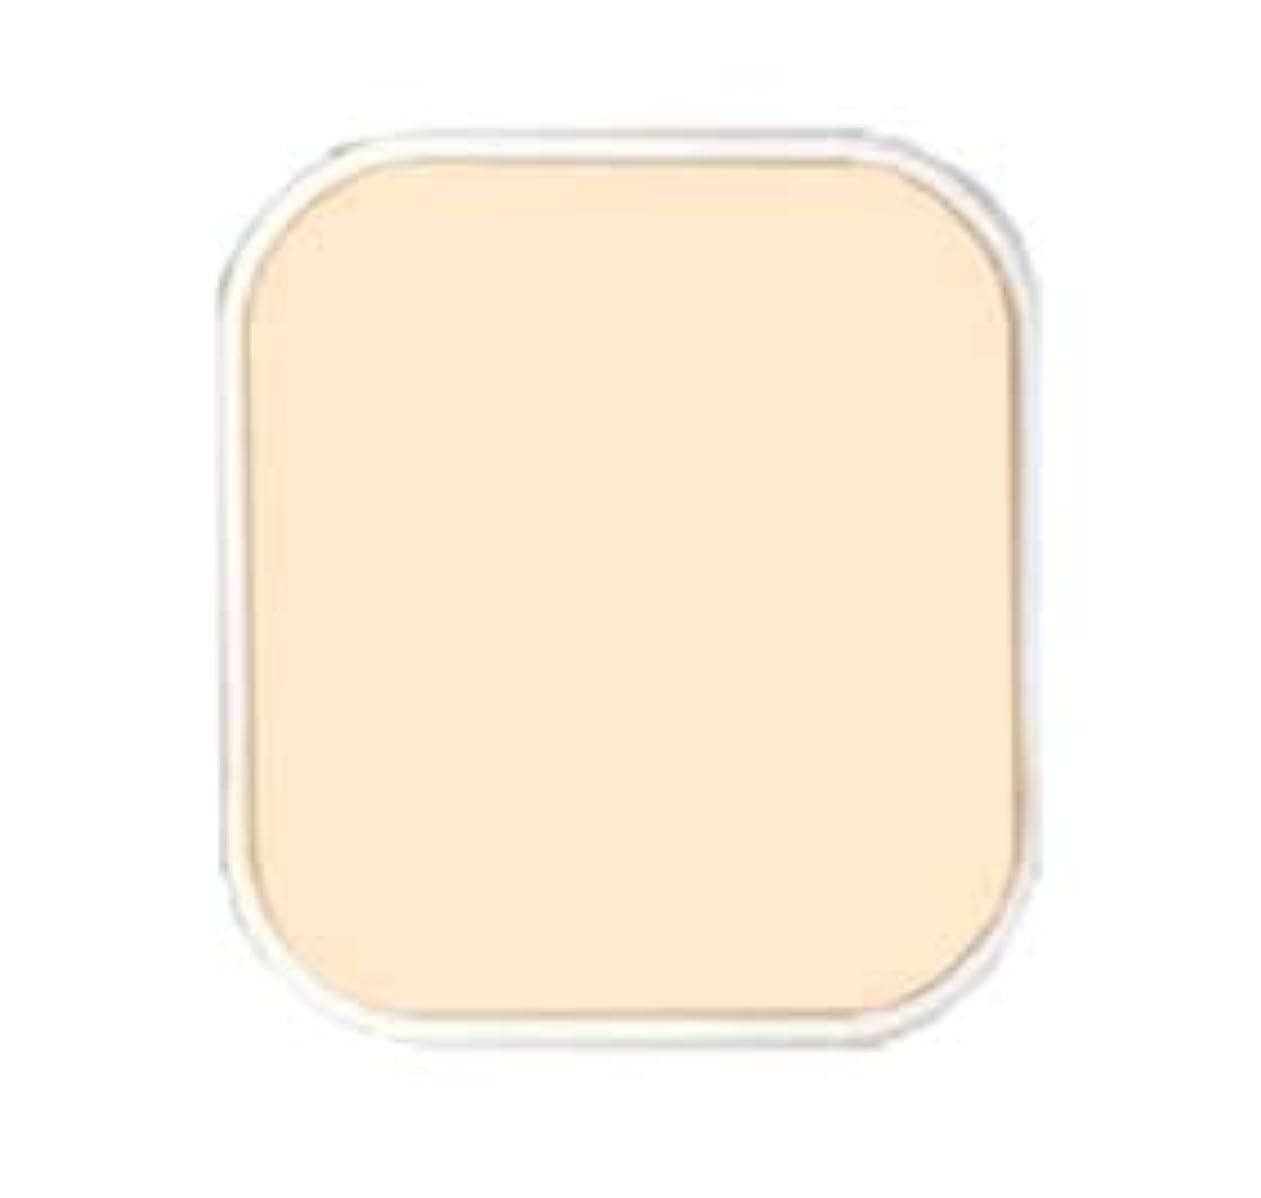 インタラクション過度の結晶アクセーヌ クリーミィファンデーションPV(リフィル)<N10明るいナチュラル系>※ケース別売り(11g)